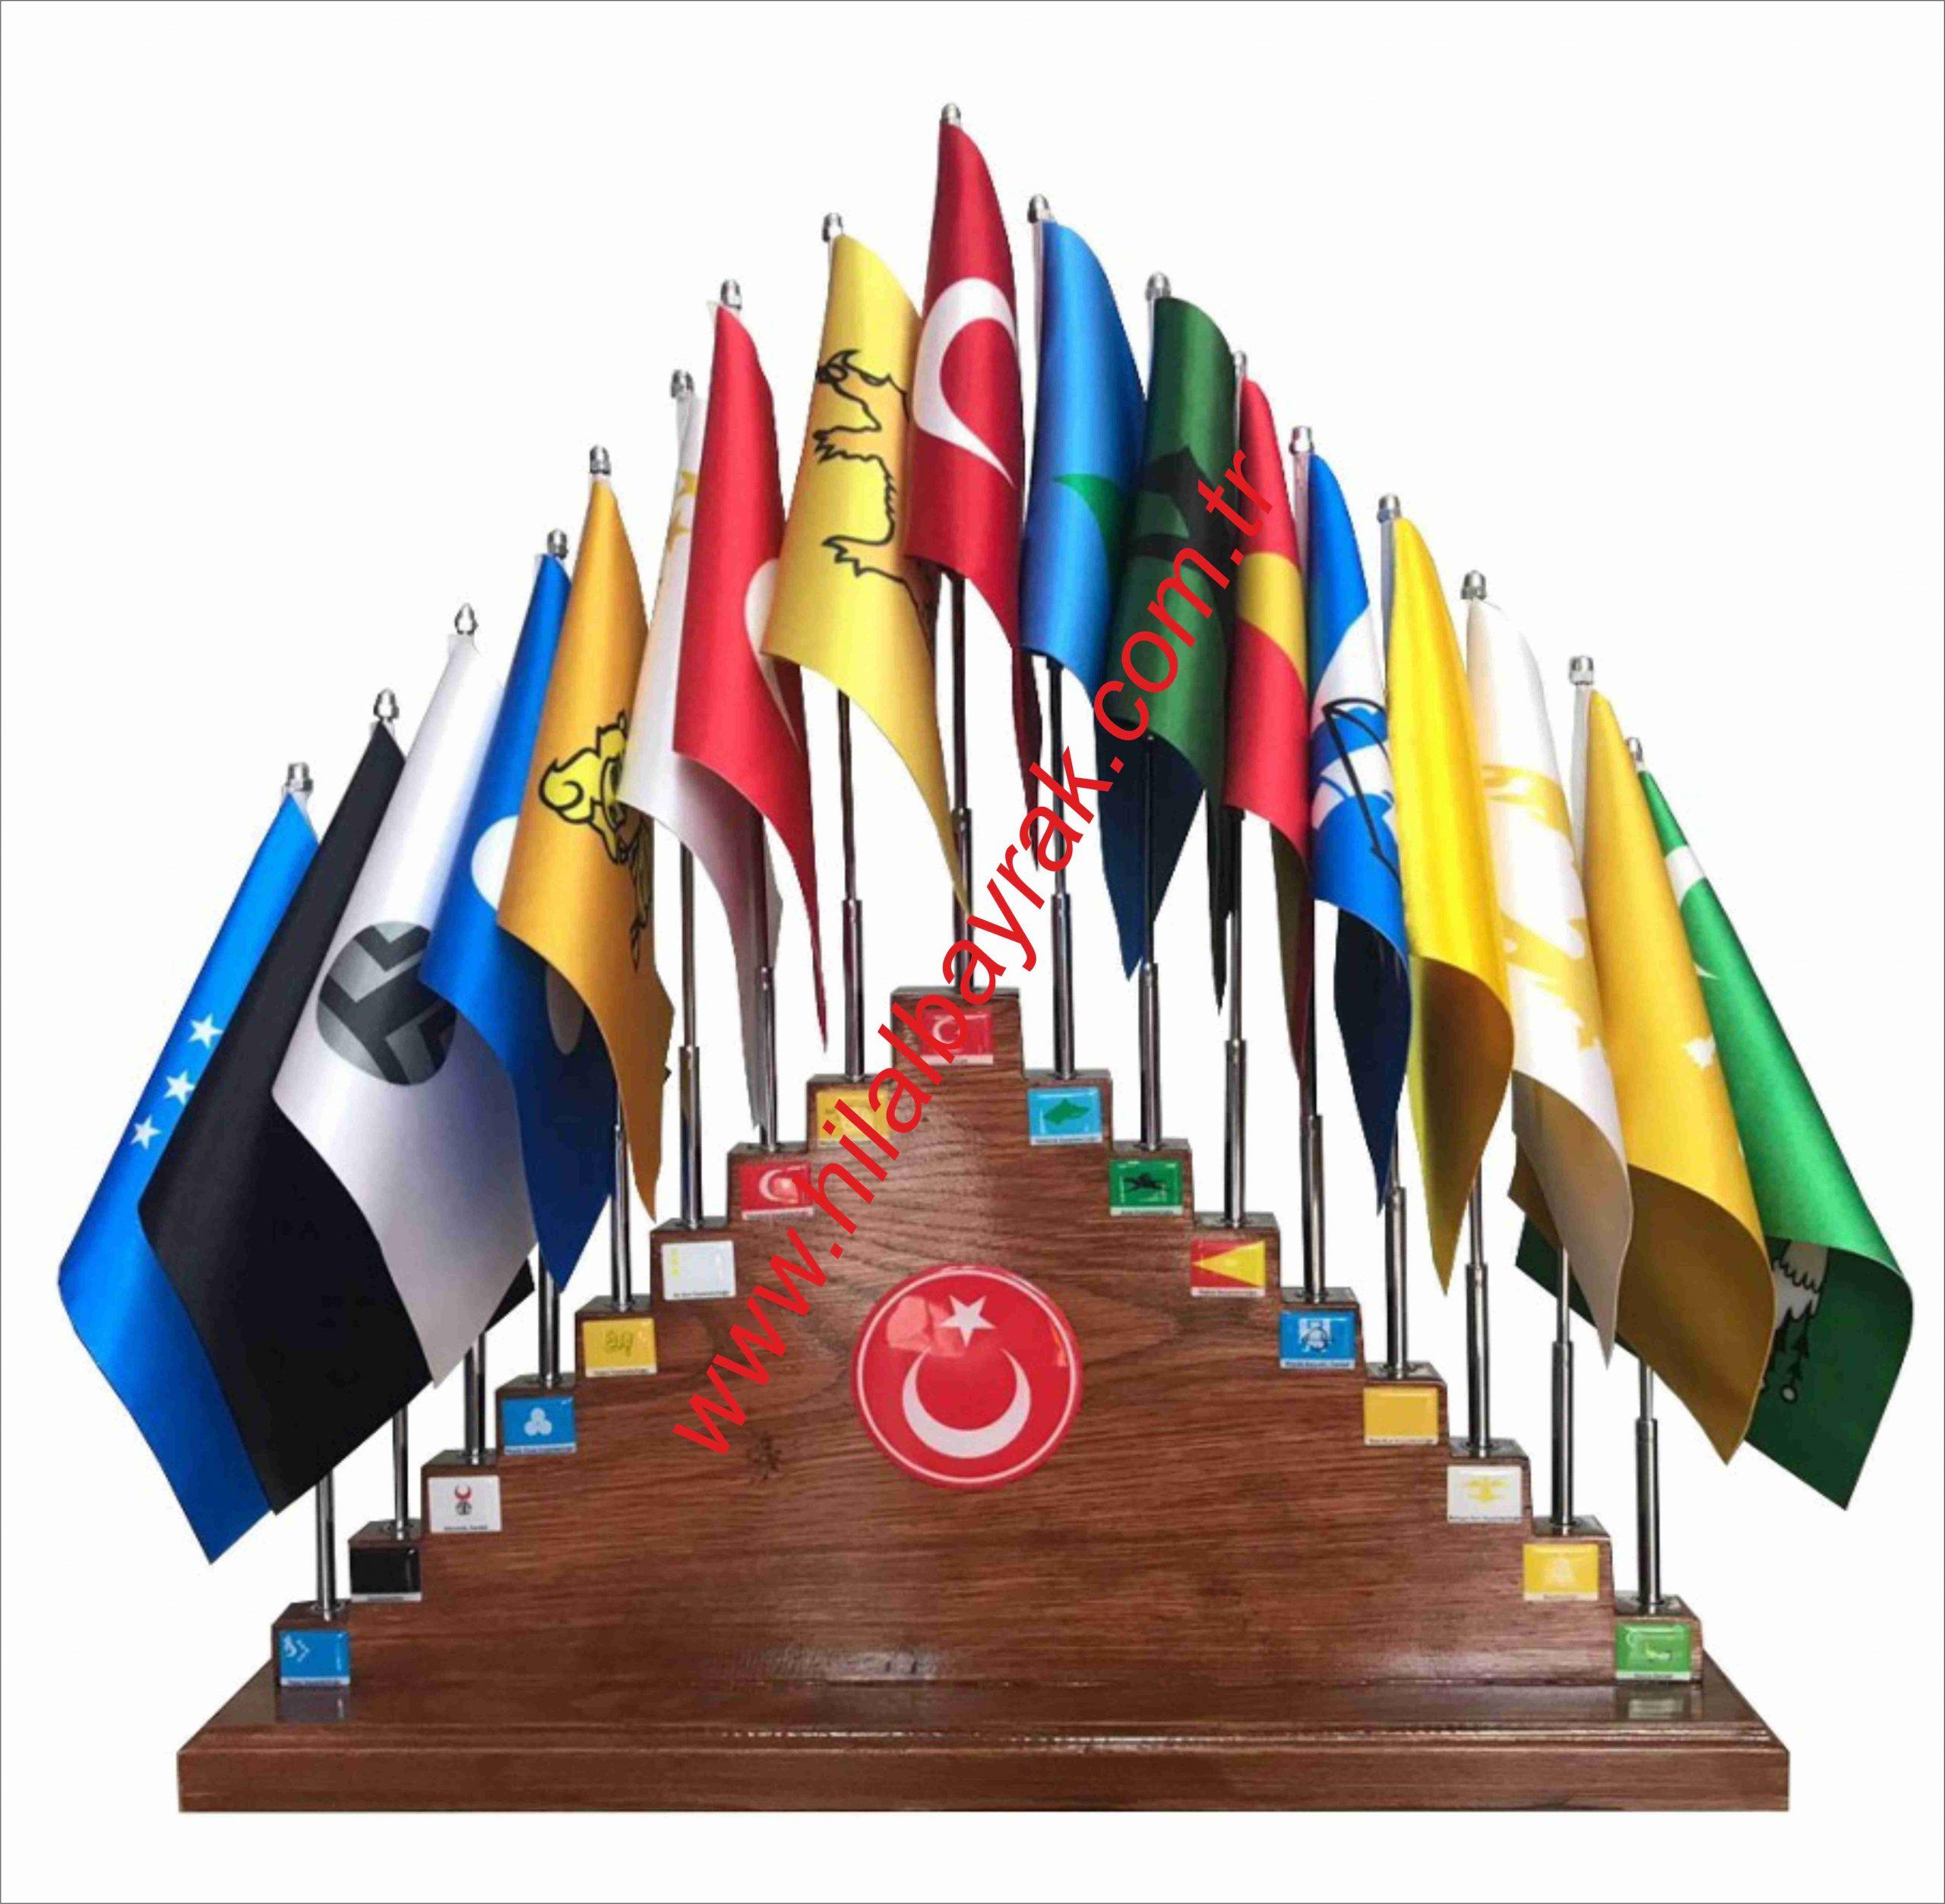 Eski Türk devletleri Seti (Ahşap Kaideli) masa bayrağı , 17'li türk devletleri bayrakları seti , 17'li türk devletleri seti, 17'li türk devletleri 17'li türk devletleri kırlangıç bayrak Eski Türk devletleri Seti (Ahşap Kaideli) 17'li türk devletleri bayrakları seti , 17'li türk devletleri seti , 17'li türk devletleri direkli bayrak takımı , 17'li türk devletleri , 17'li türk devletleri bayrakları , türk boyları bayrakları , eski türk boyları bayrakları , türk boyları bayrakları satın al , türk boyları ve bayrakları , 27'li türk devletleri seti masa bayrağı,17'li türk devletleri bayrakları seti,17'li türk devletleri seti,17'li türk devletleri direkli bayrak takımı,17'li türk devletleri,17'li türk devletleri bayrakları,türk boyları bayrakları,türk boyları bayrakları satın al,türk boyları ve bayrakları,ahşap kaide, 17'li Türk Devletleri Ahşap Kaide + Direkler, 17'li Türk Devletleri Seti, Özgüvenal, 17'li Türk Devletleri Ahşap Kaide + Direkler fiyatı, 17'li Türk Devletleri Ahşap Kaide + Direkler fiyatları, 17'li Türk Devletleri Ahşap Kaide + Direkler istanbul, 17'li Türk Devletleri Ahşap Kaide + Direkler, 17'li Türk Devletleri, 17'li Türk Devletleri Ahşap Kaide + Direkler masa bayrağı,17'li türk devletleri bayrakları seti,17'li türk devletleri seti,17'li türk devletleri direkli bayrak takımı,17'li türk devletleri,17'li türk devletleri bayrakları,17'li türk devletleri kırlangıç bayrak,türk boyları,türk boyları sembolleri,türk boyları isimleri, 17'li Türk Devletleri Kırlangıç Bayrak Seti 70x200, 17'li Türk Devletleri Seti, Özgüvenal, 17'li Türk Devletleri Kırlangıç Bayrak Seti 70x200 fiyatı, 17'li Türk Devletleri Kırlangıç Bayrak Seti 70x200 fiyatları, 17'li Türk Devletleri Kırlangıç Bayrak Seti 70x200 istanbul, 17'li Türk Devletleri Kırlangıç Bayrak Seti 70x200 bursa, 17'li Türk Devletleri, 17'li Türk Devletleri Kırlangıç Bayrak Seti